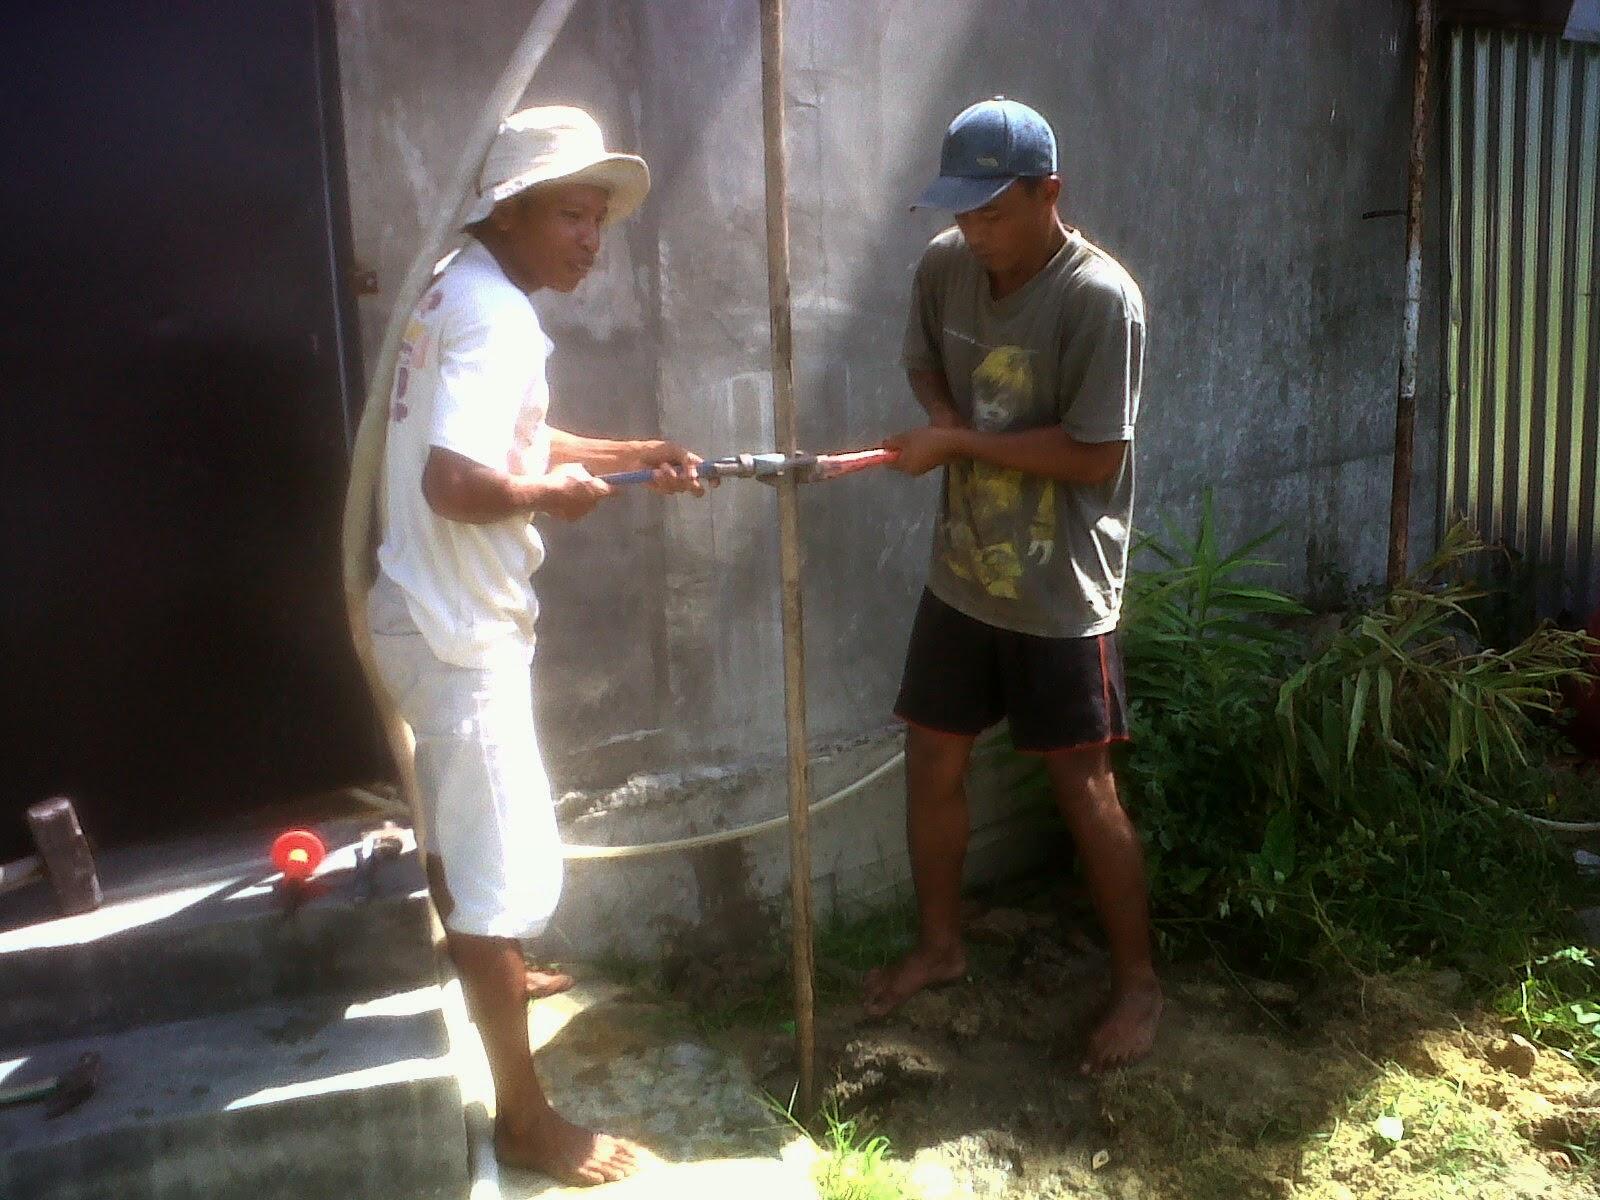 sumur bor pekanbaru,sumur bor